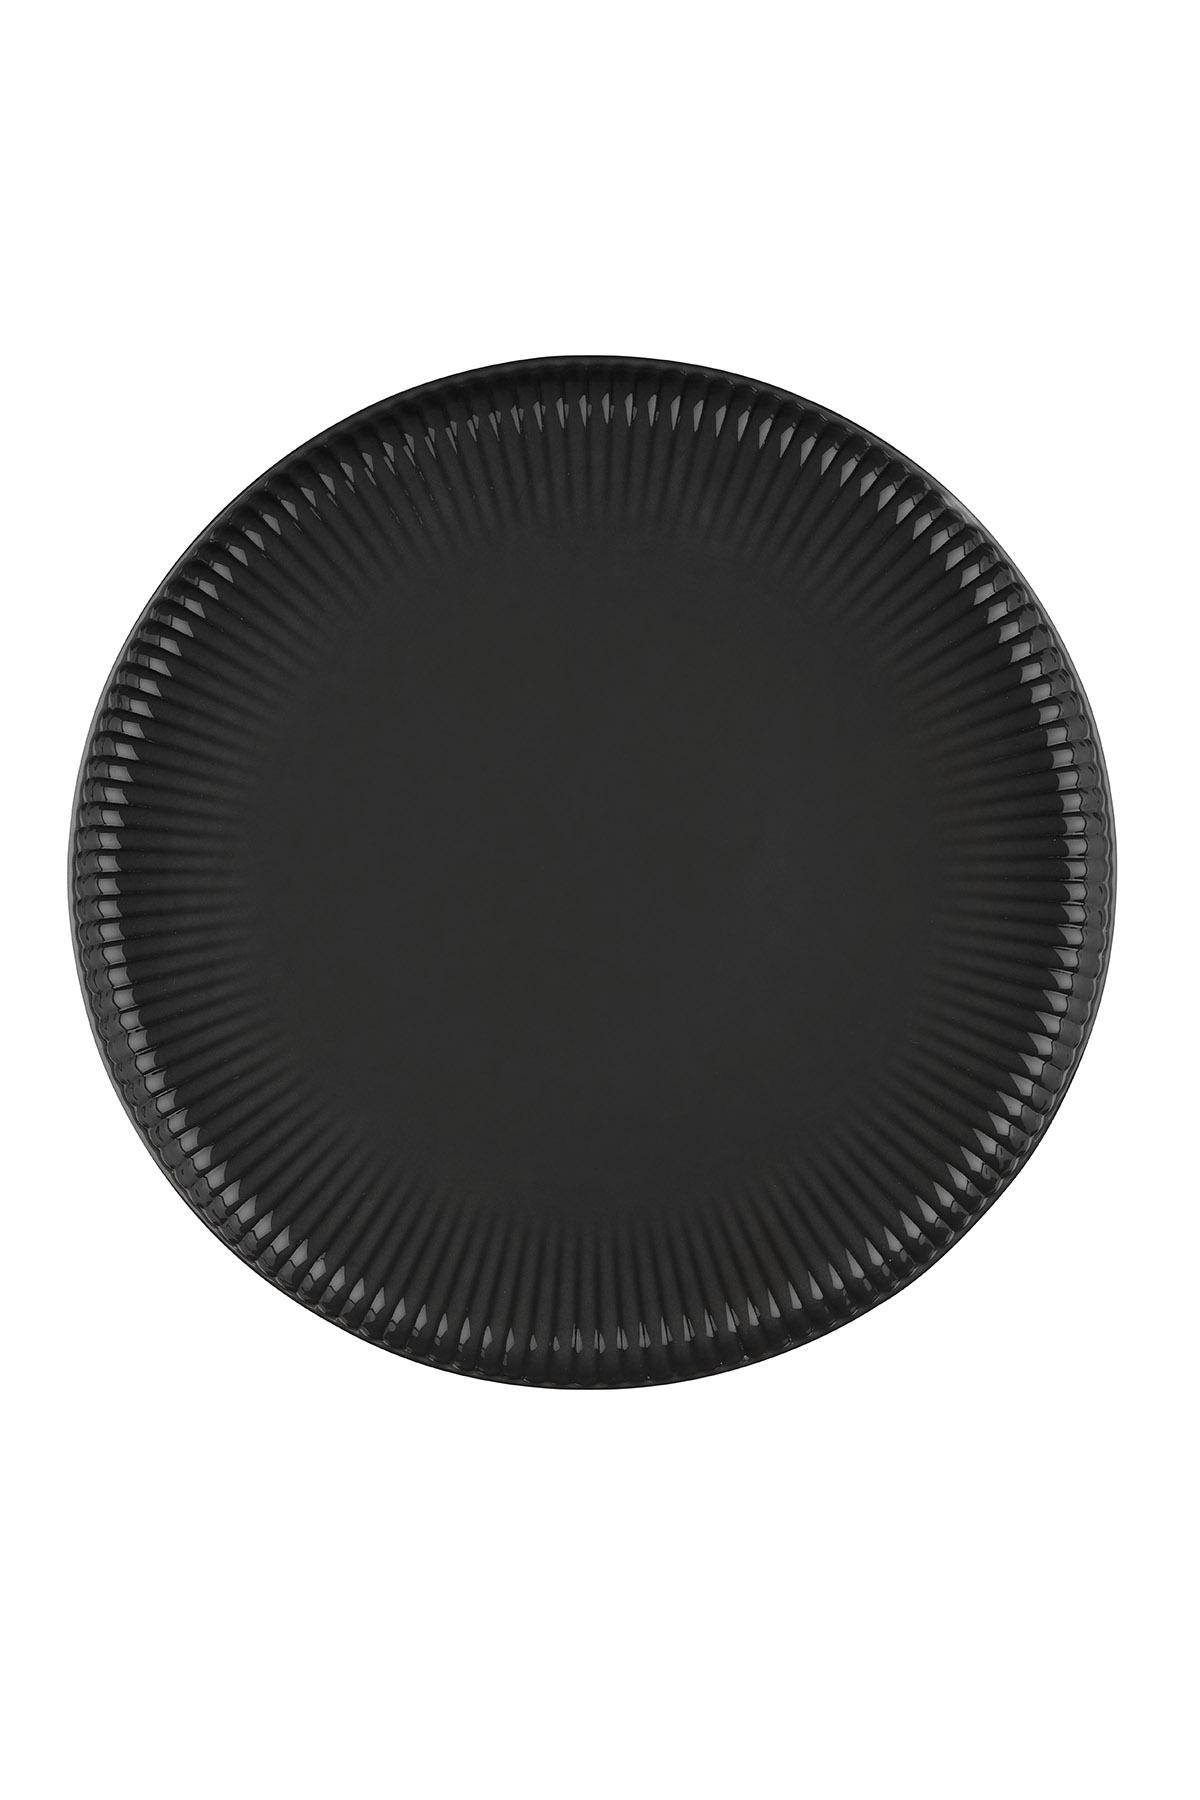 Kütahya Porselen - Crest 24 cm Düz Tabak Siyah